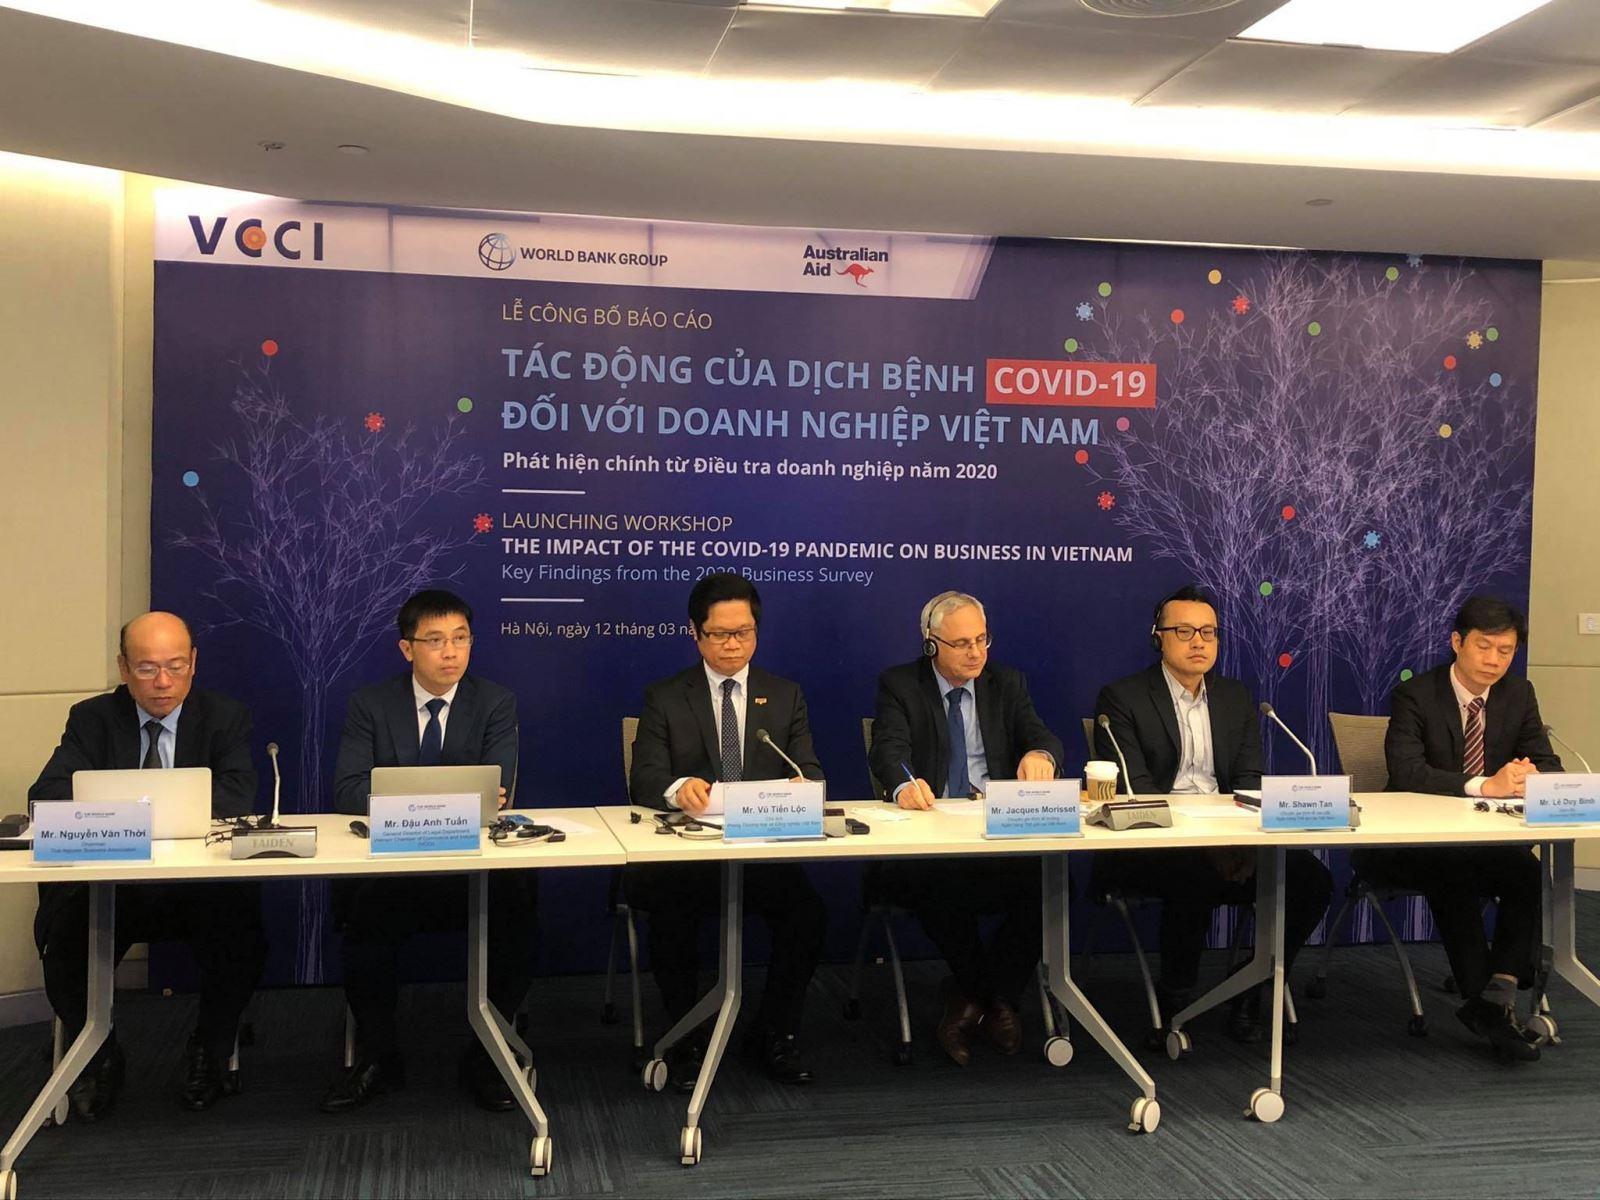 Báo cáo Tác động của dịch bệnh COVID-19 đối với doanh nghiệp Việt Nam: Gần 90 % doanh nghiệp bị ảnh hưởng tiêu cực